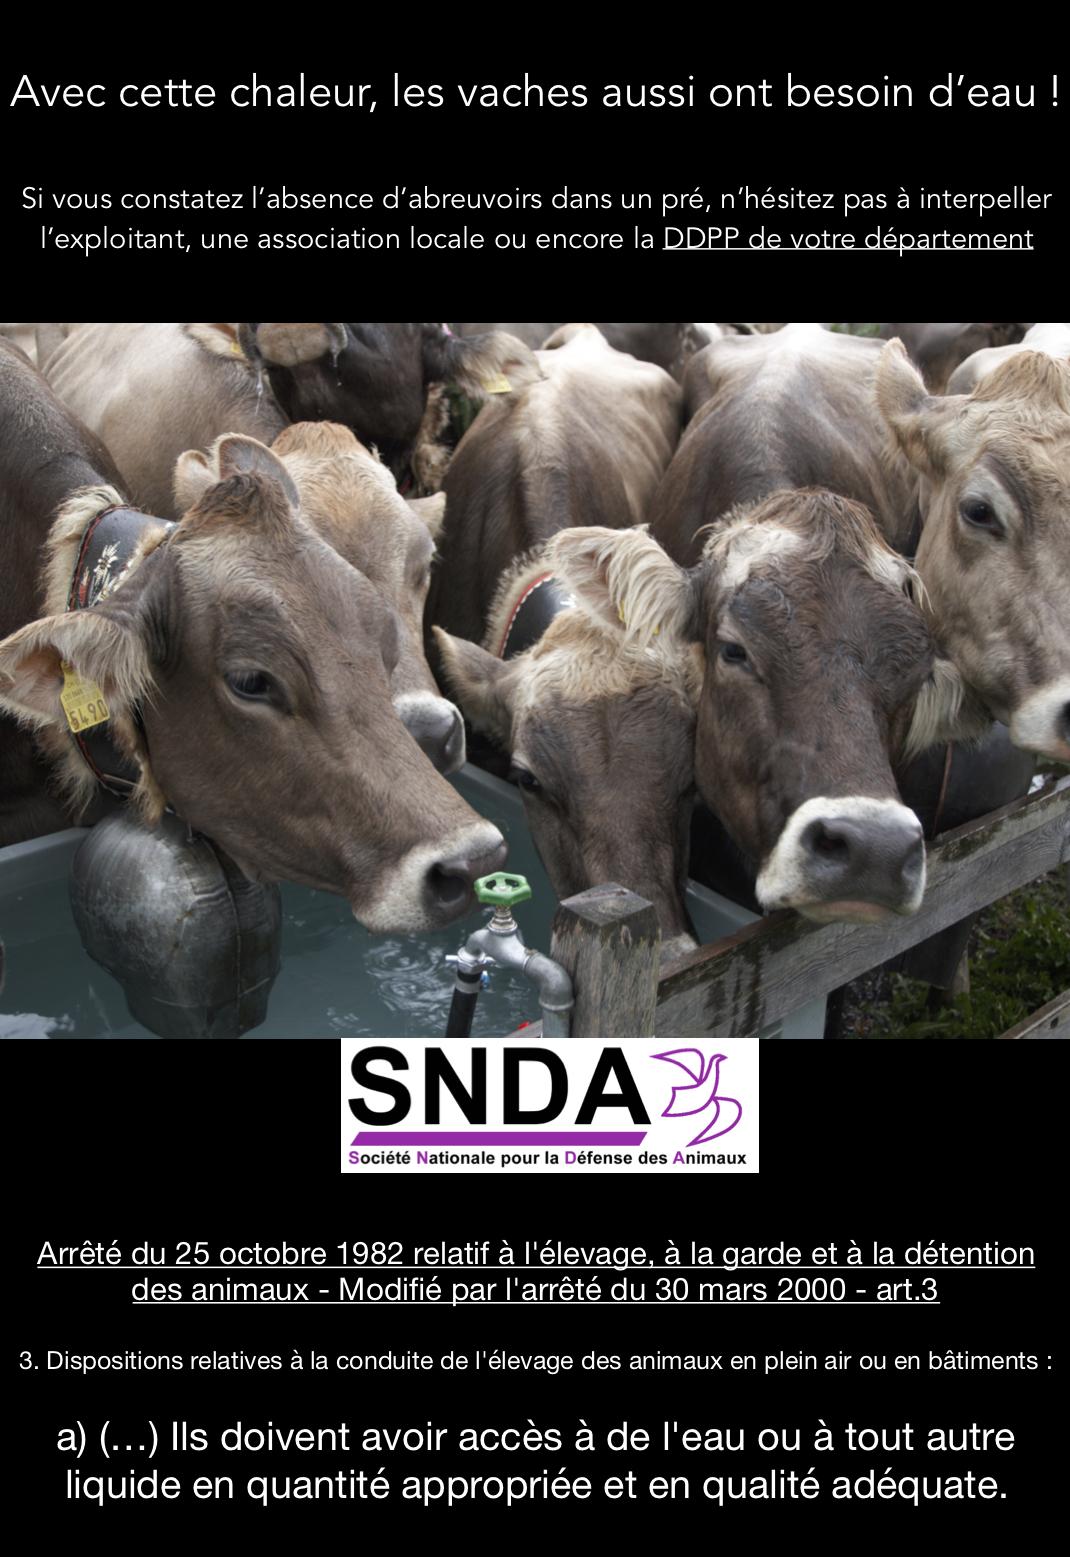 Avec cette chaleur, les vaches aussi ont besoin d'eau !